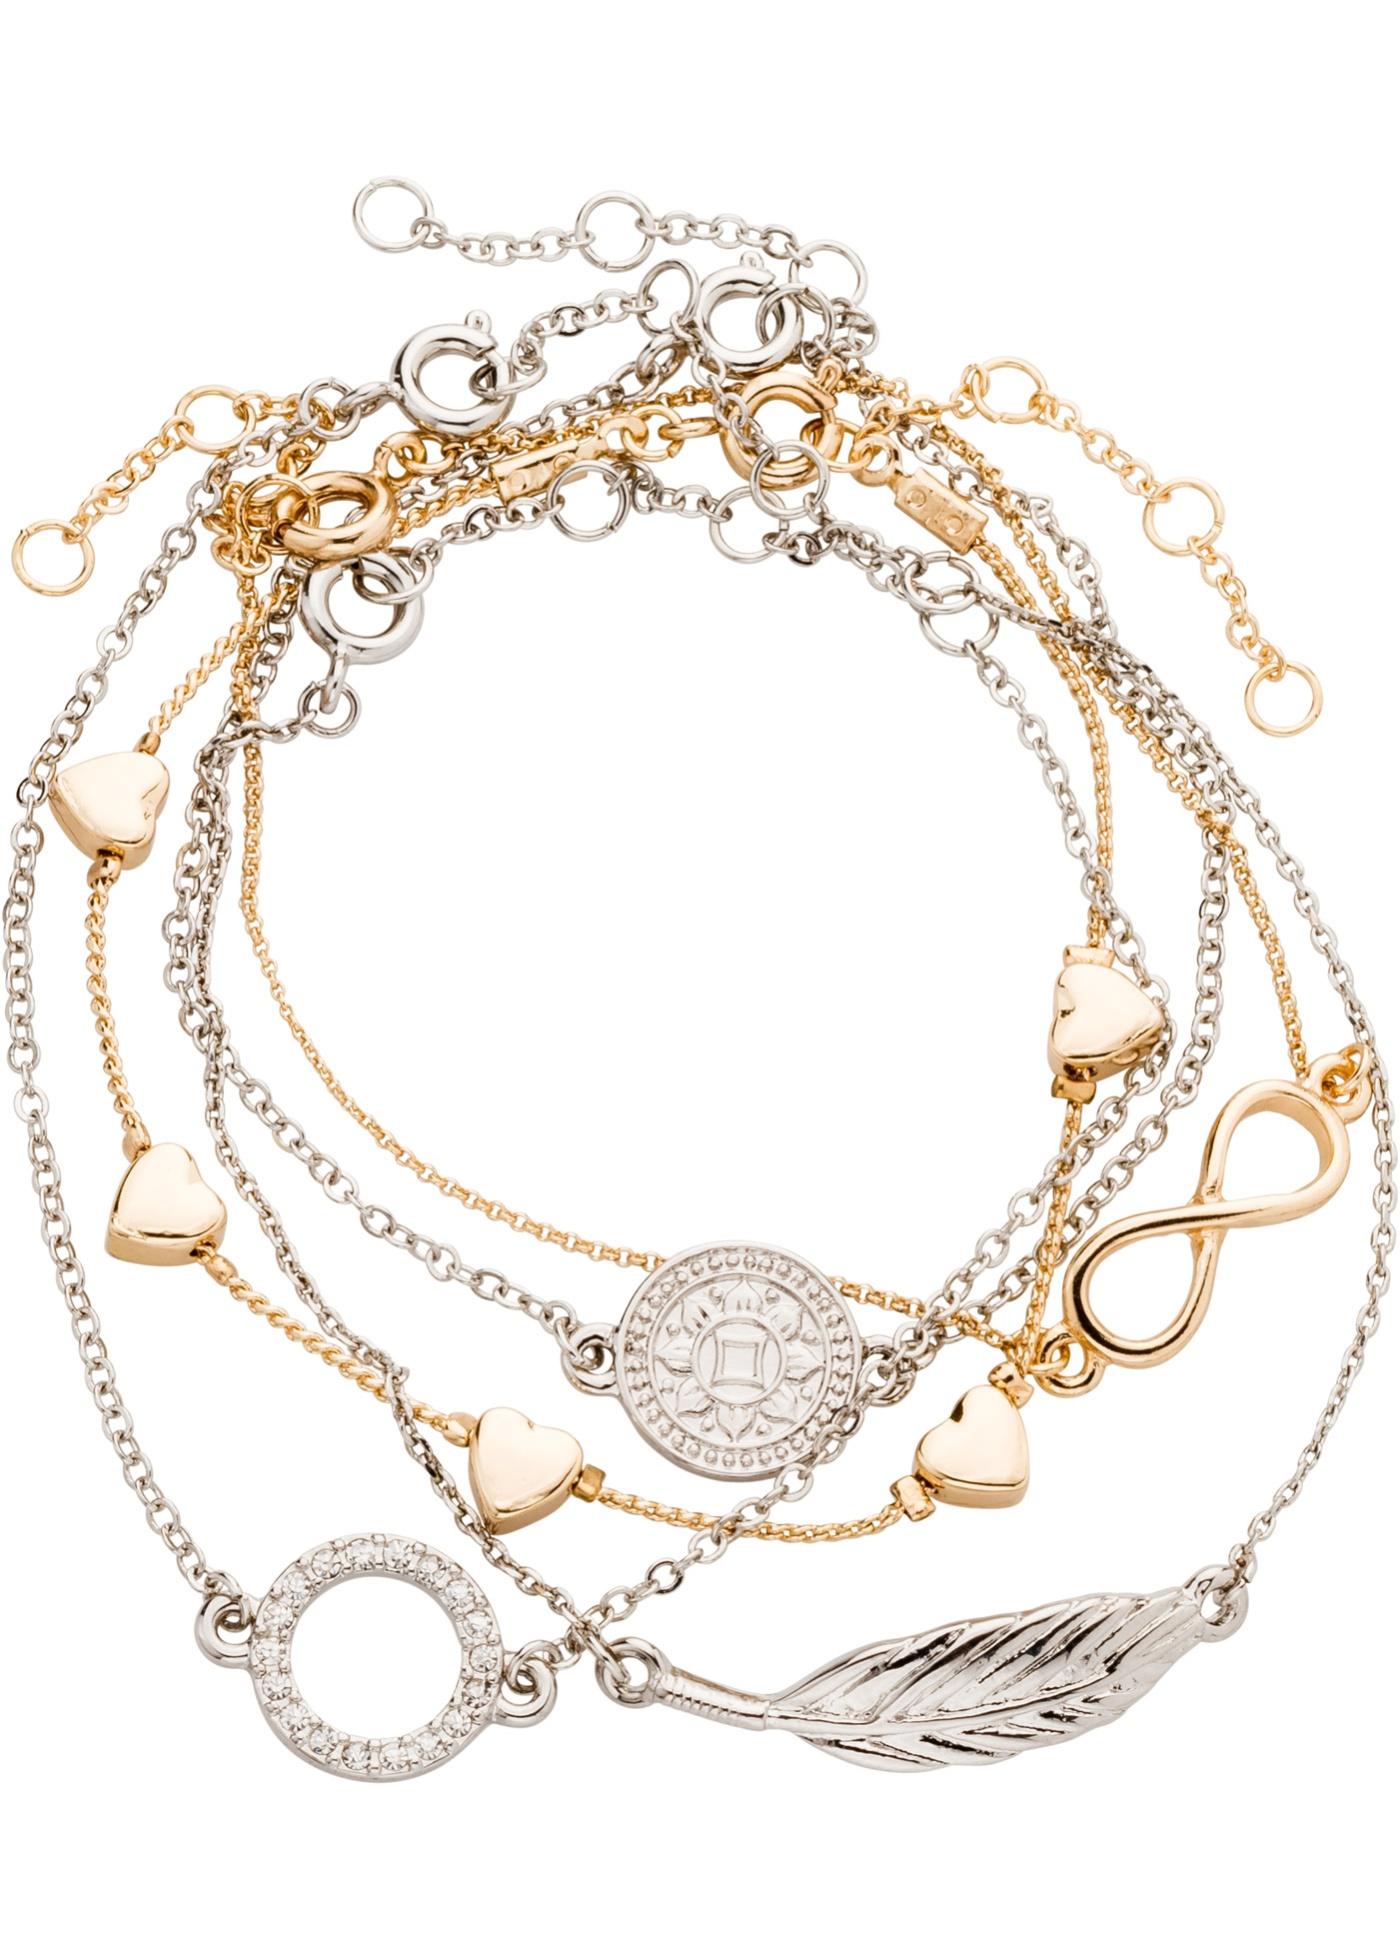 Dans cet ensemble de bracelets, vous en trouverez un pour chaque occasion et chaque envie. Discret au porté poignet, avec des looks sportifs ou aussi élégants, vous ne pouvez pas vous tromper.